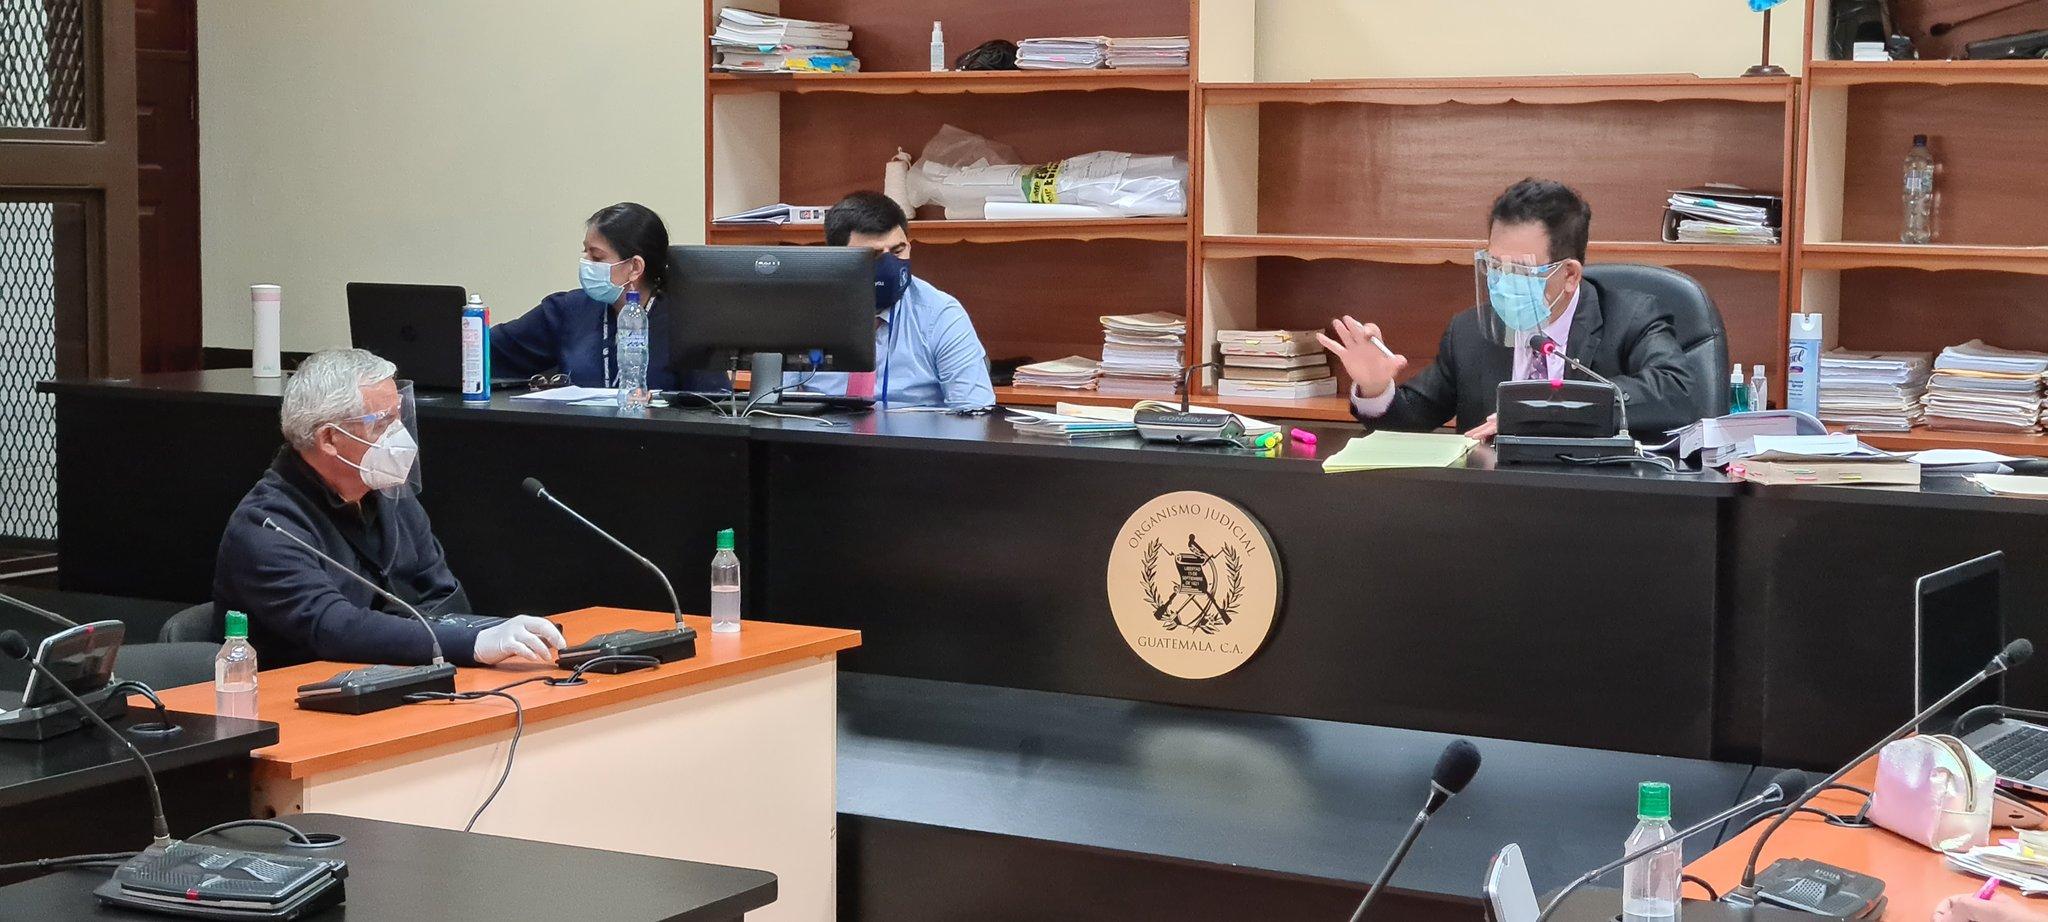 El juez Miguel Ángel Gálvez rechazó la petición del expresidente Otto Pérez Molina de ser beneficiado con medida sustitutiva en el proceso del Caso La Línea. (Foto: Twitter)